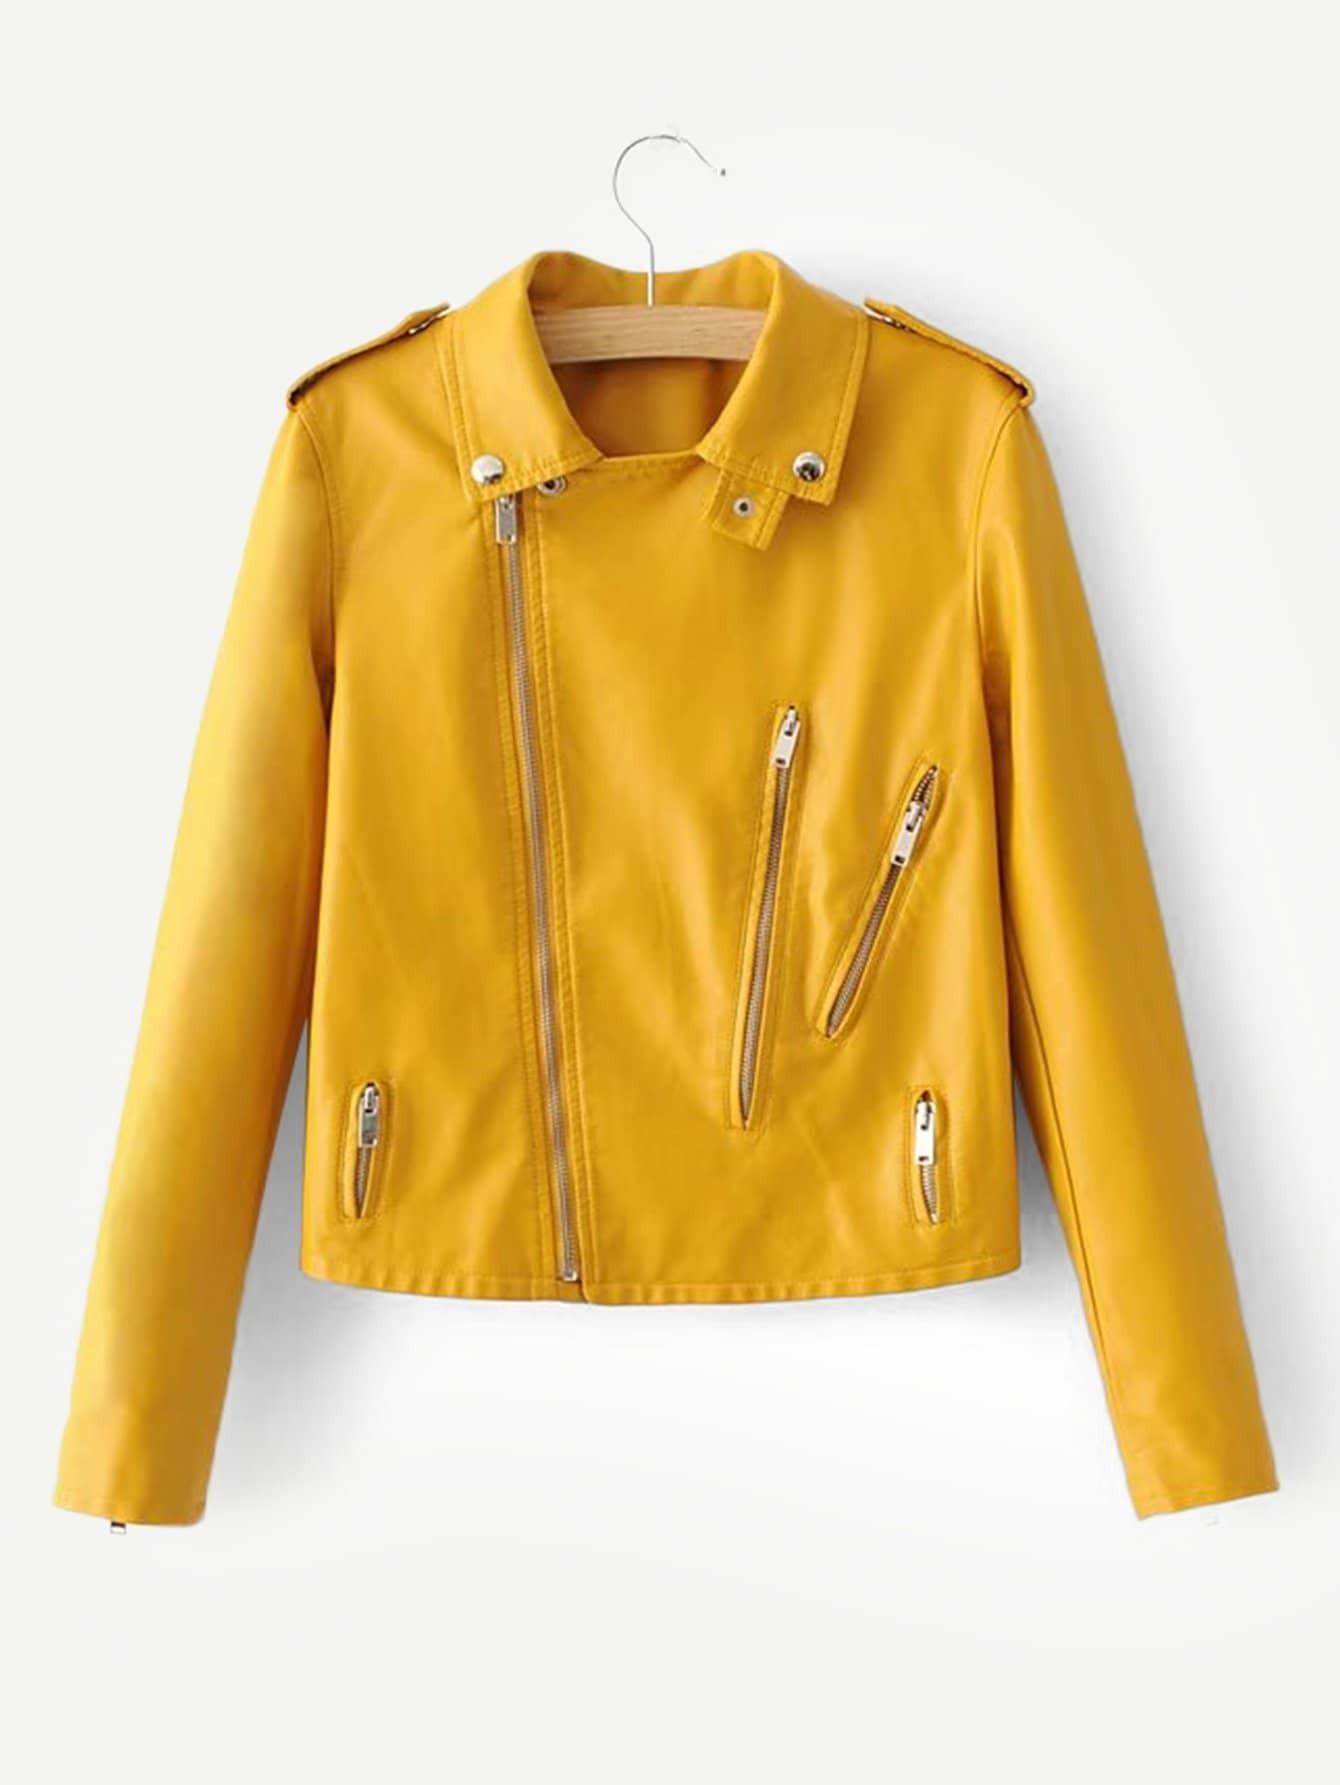 Купить Скала Одноцветный на молнии Желтый Жакеты + Куртки, null, SheIn